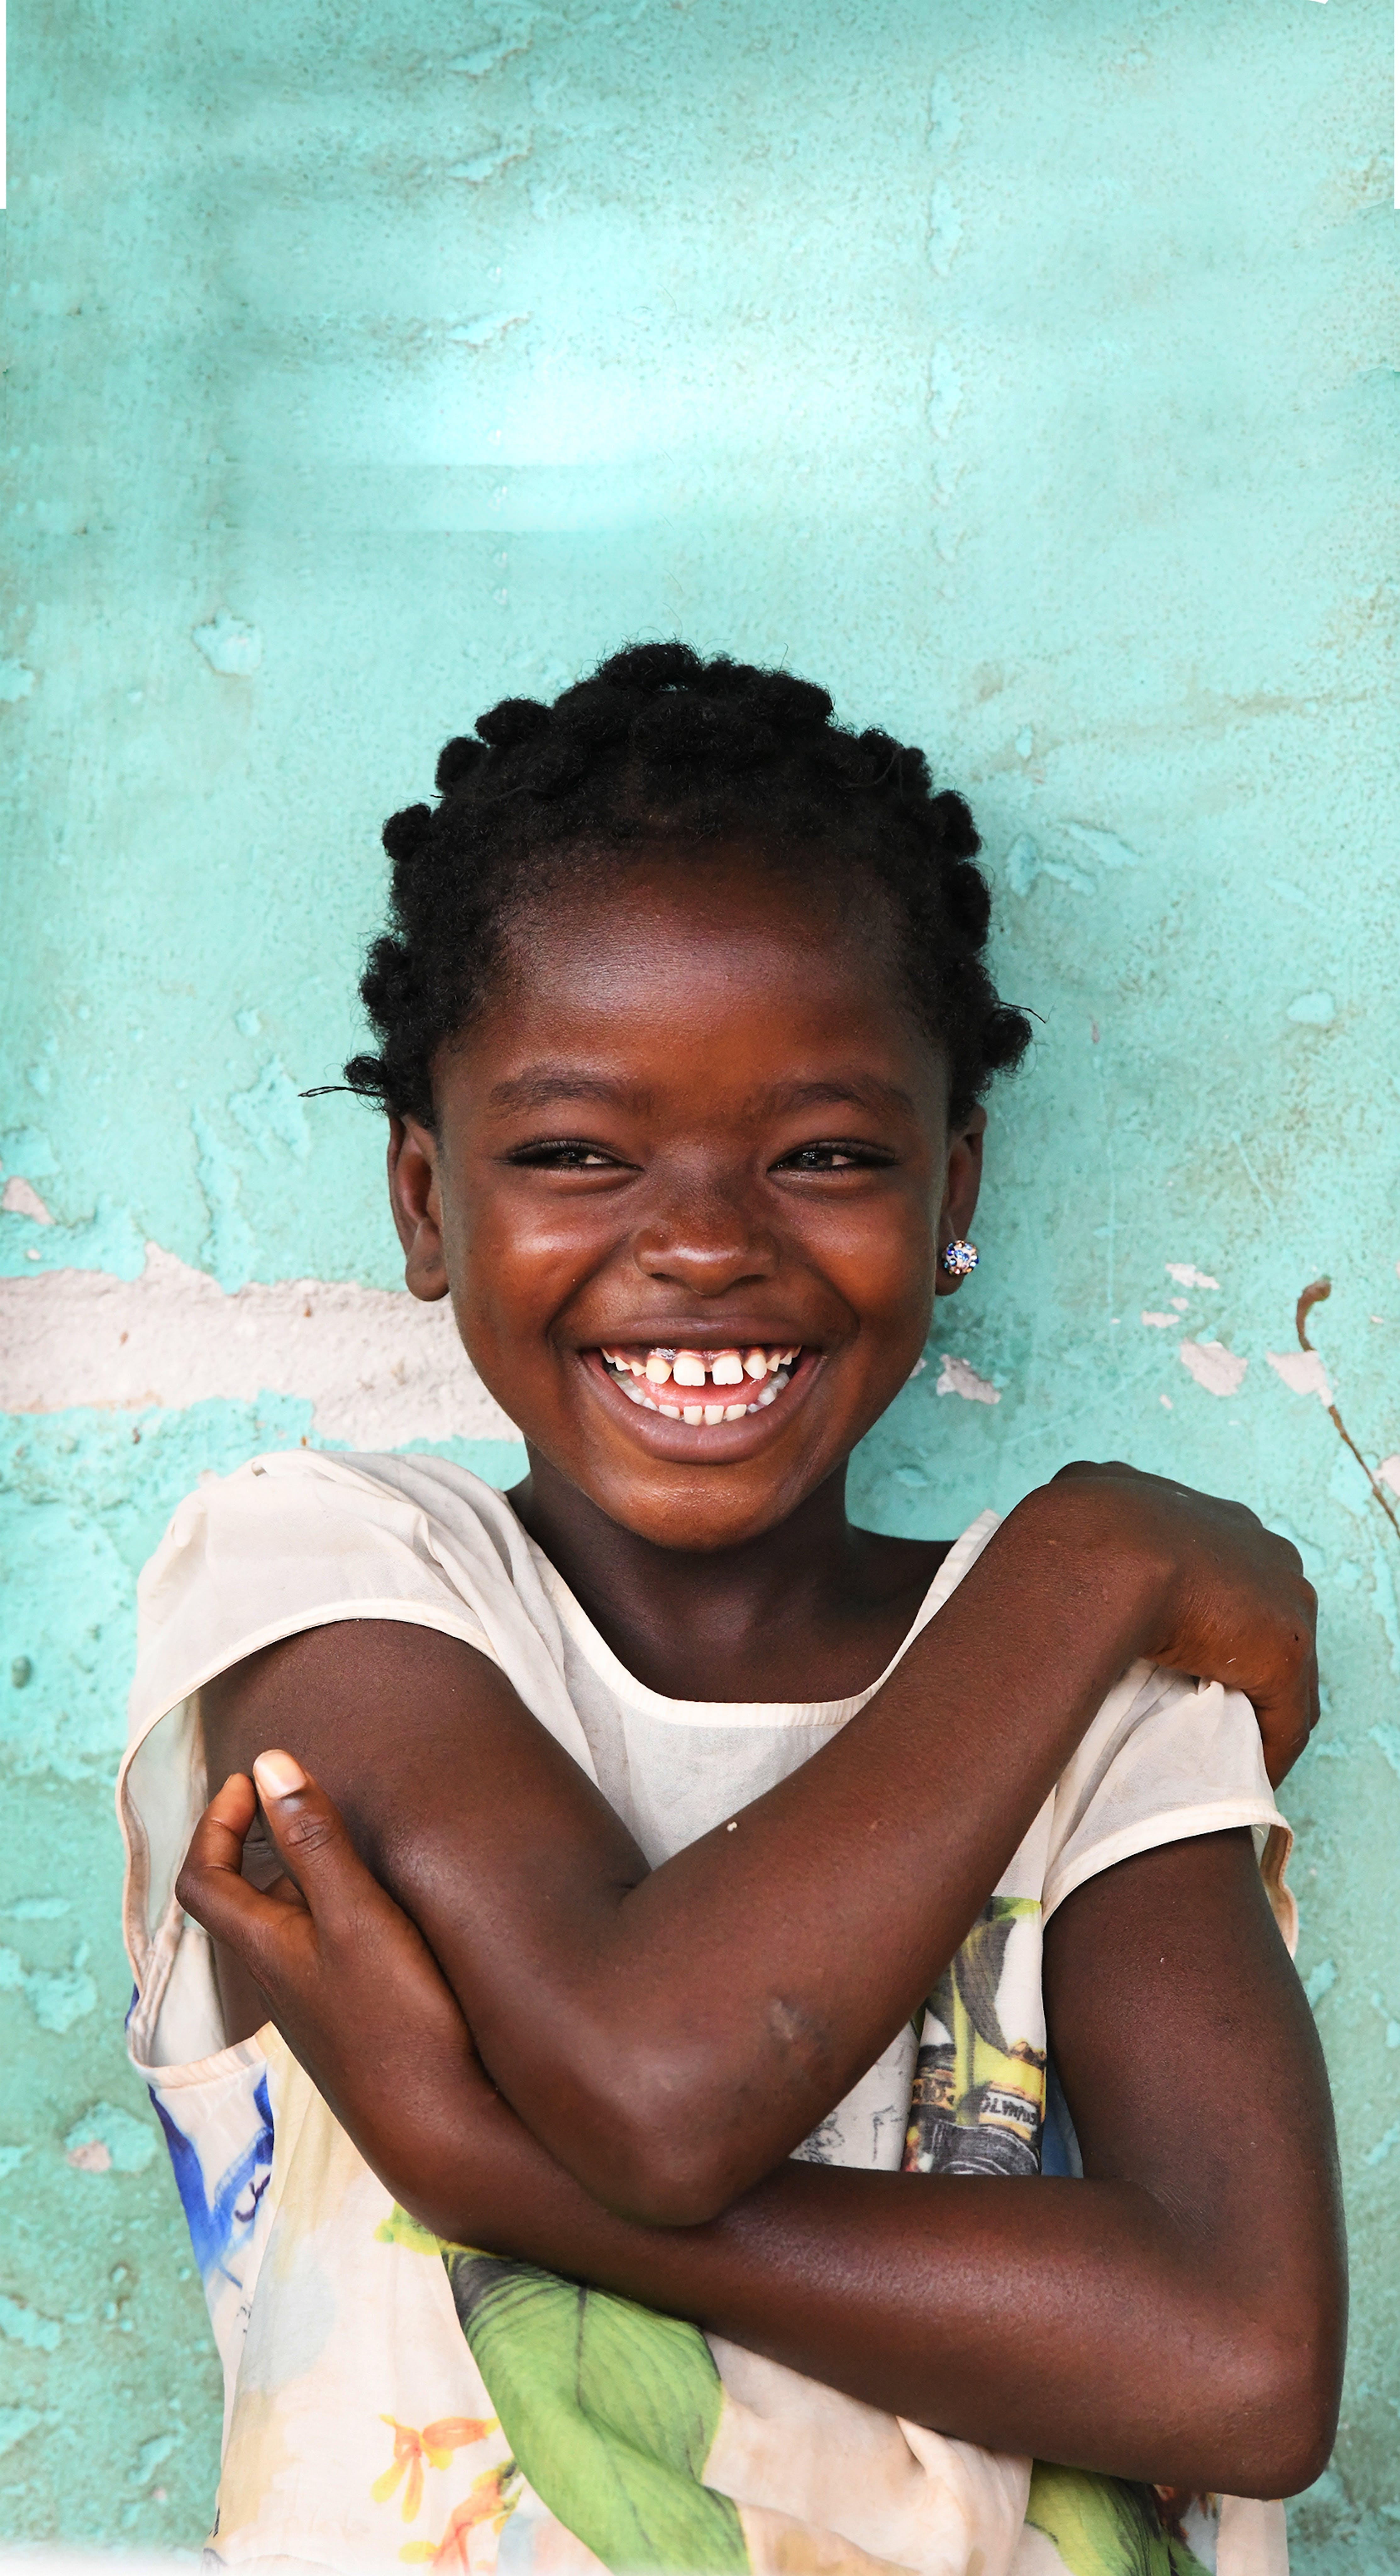 resta accanto con un lascito all'UNICEF